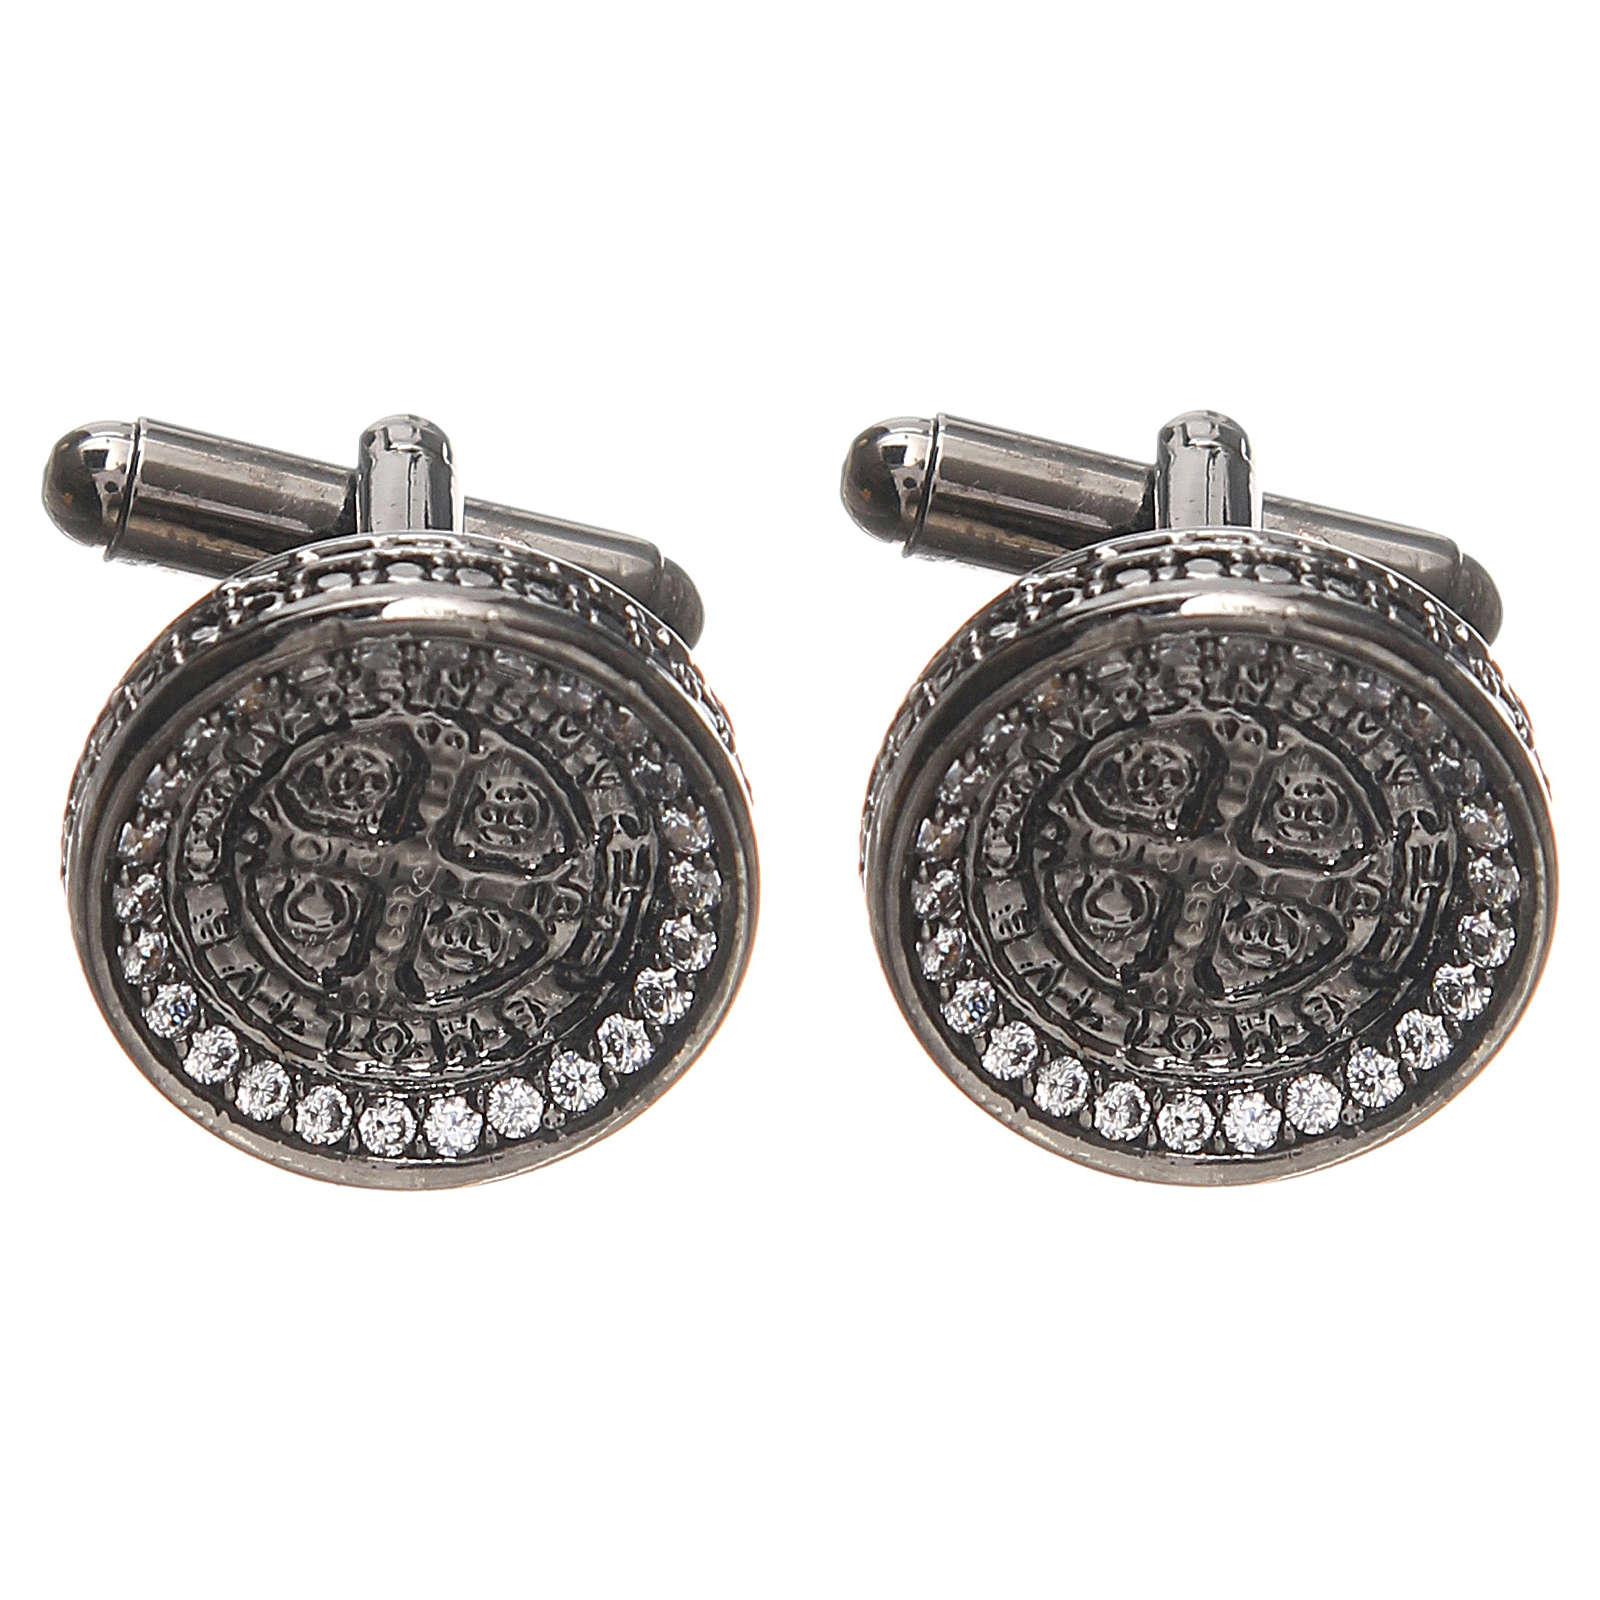 Spinki męskie srebro 800 Krzyż Św. Benedykta 1.7 cm 4